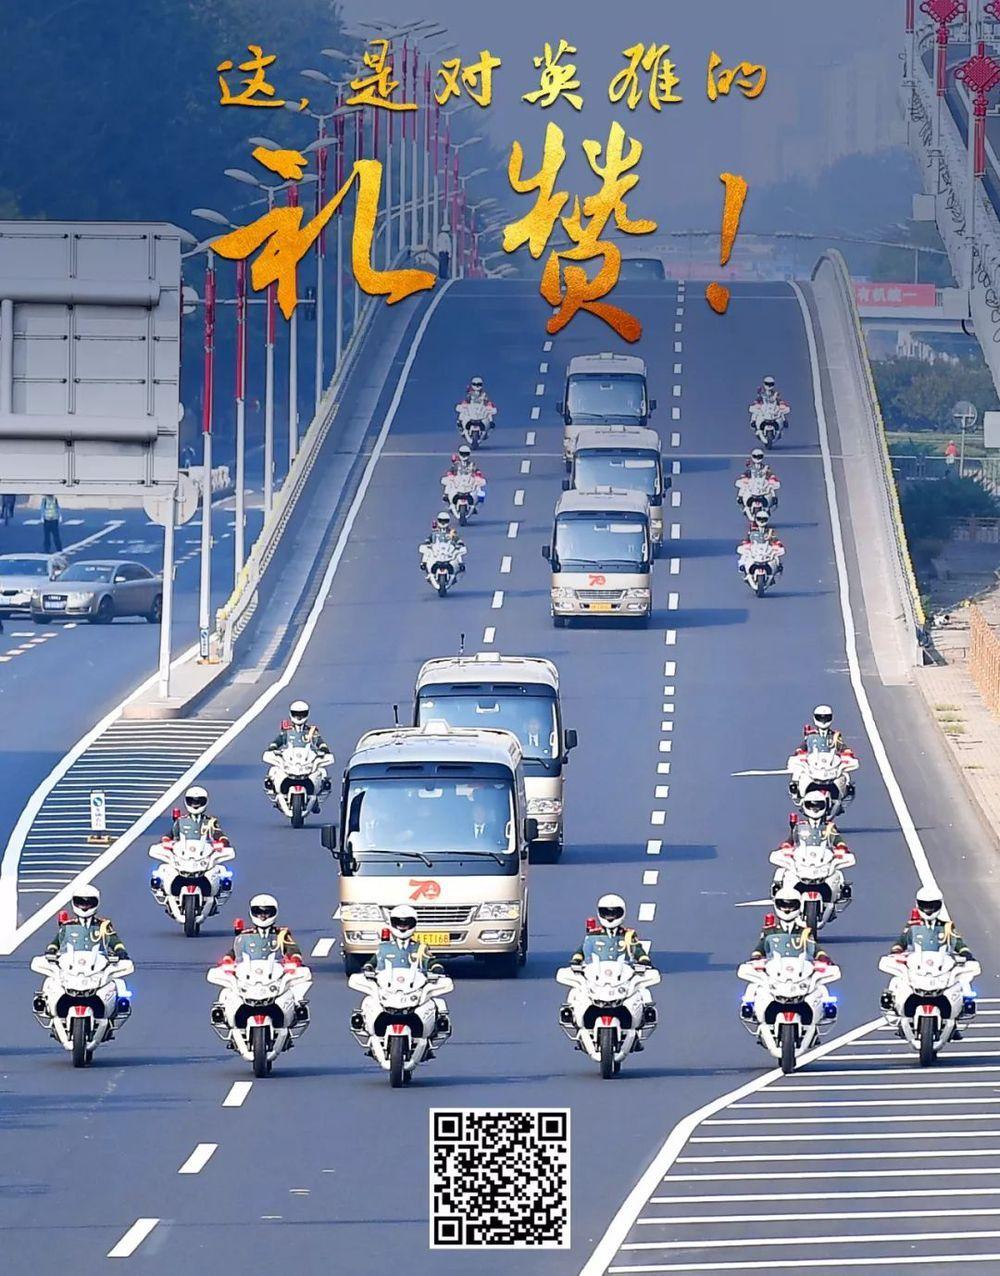 9月29日上午,西长安街上的一幕,令国人动容。